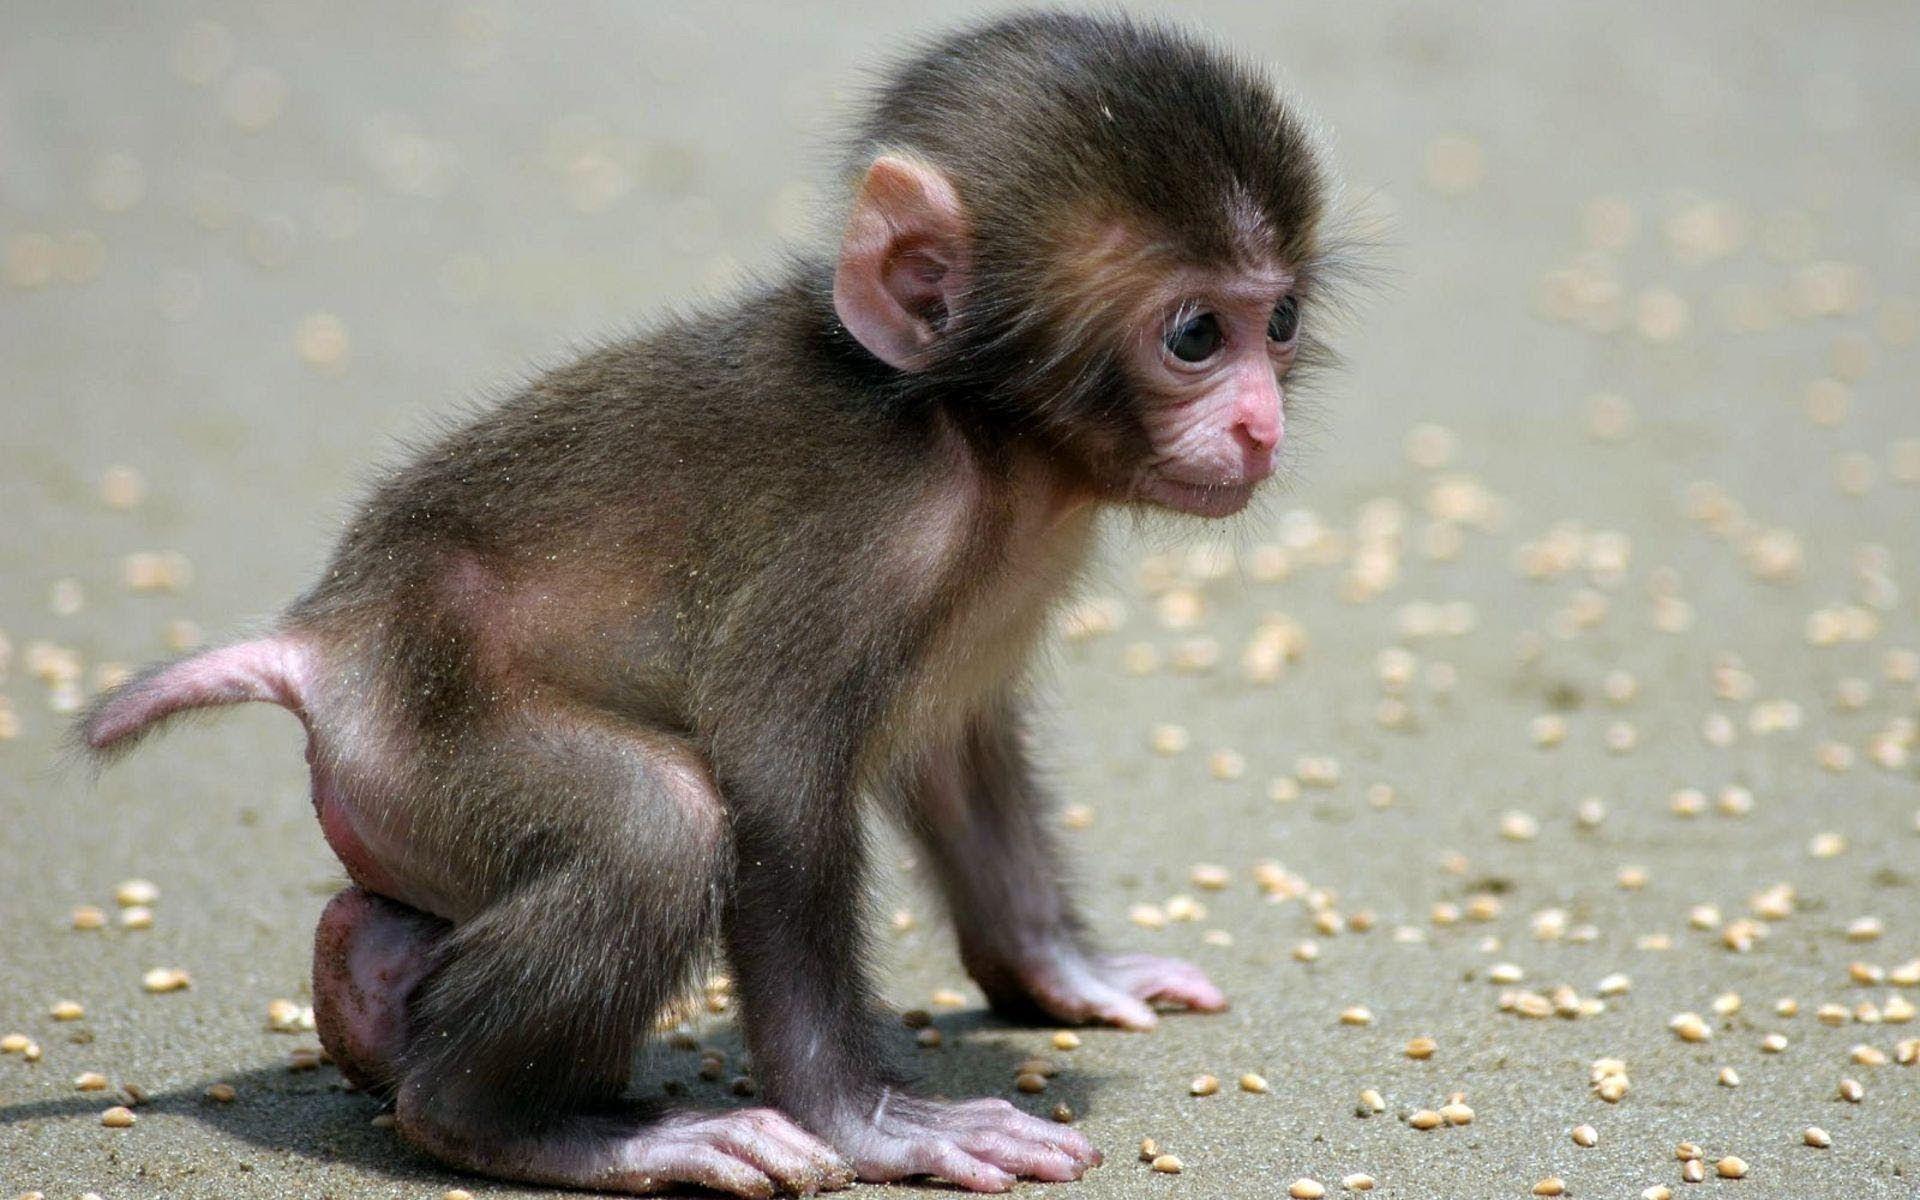 Monkey Wallpaper cute monkeys wallpapers group | hd wallpapers | pinterest | monkey